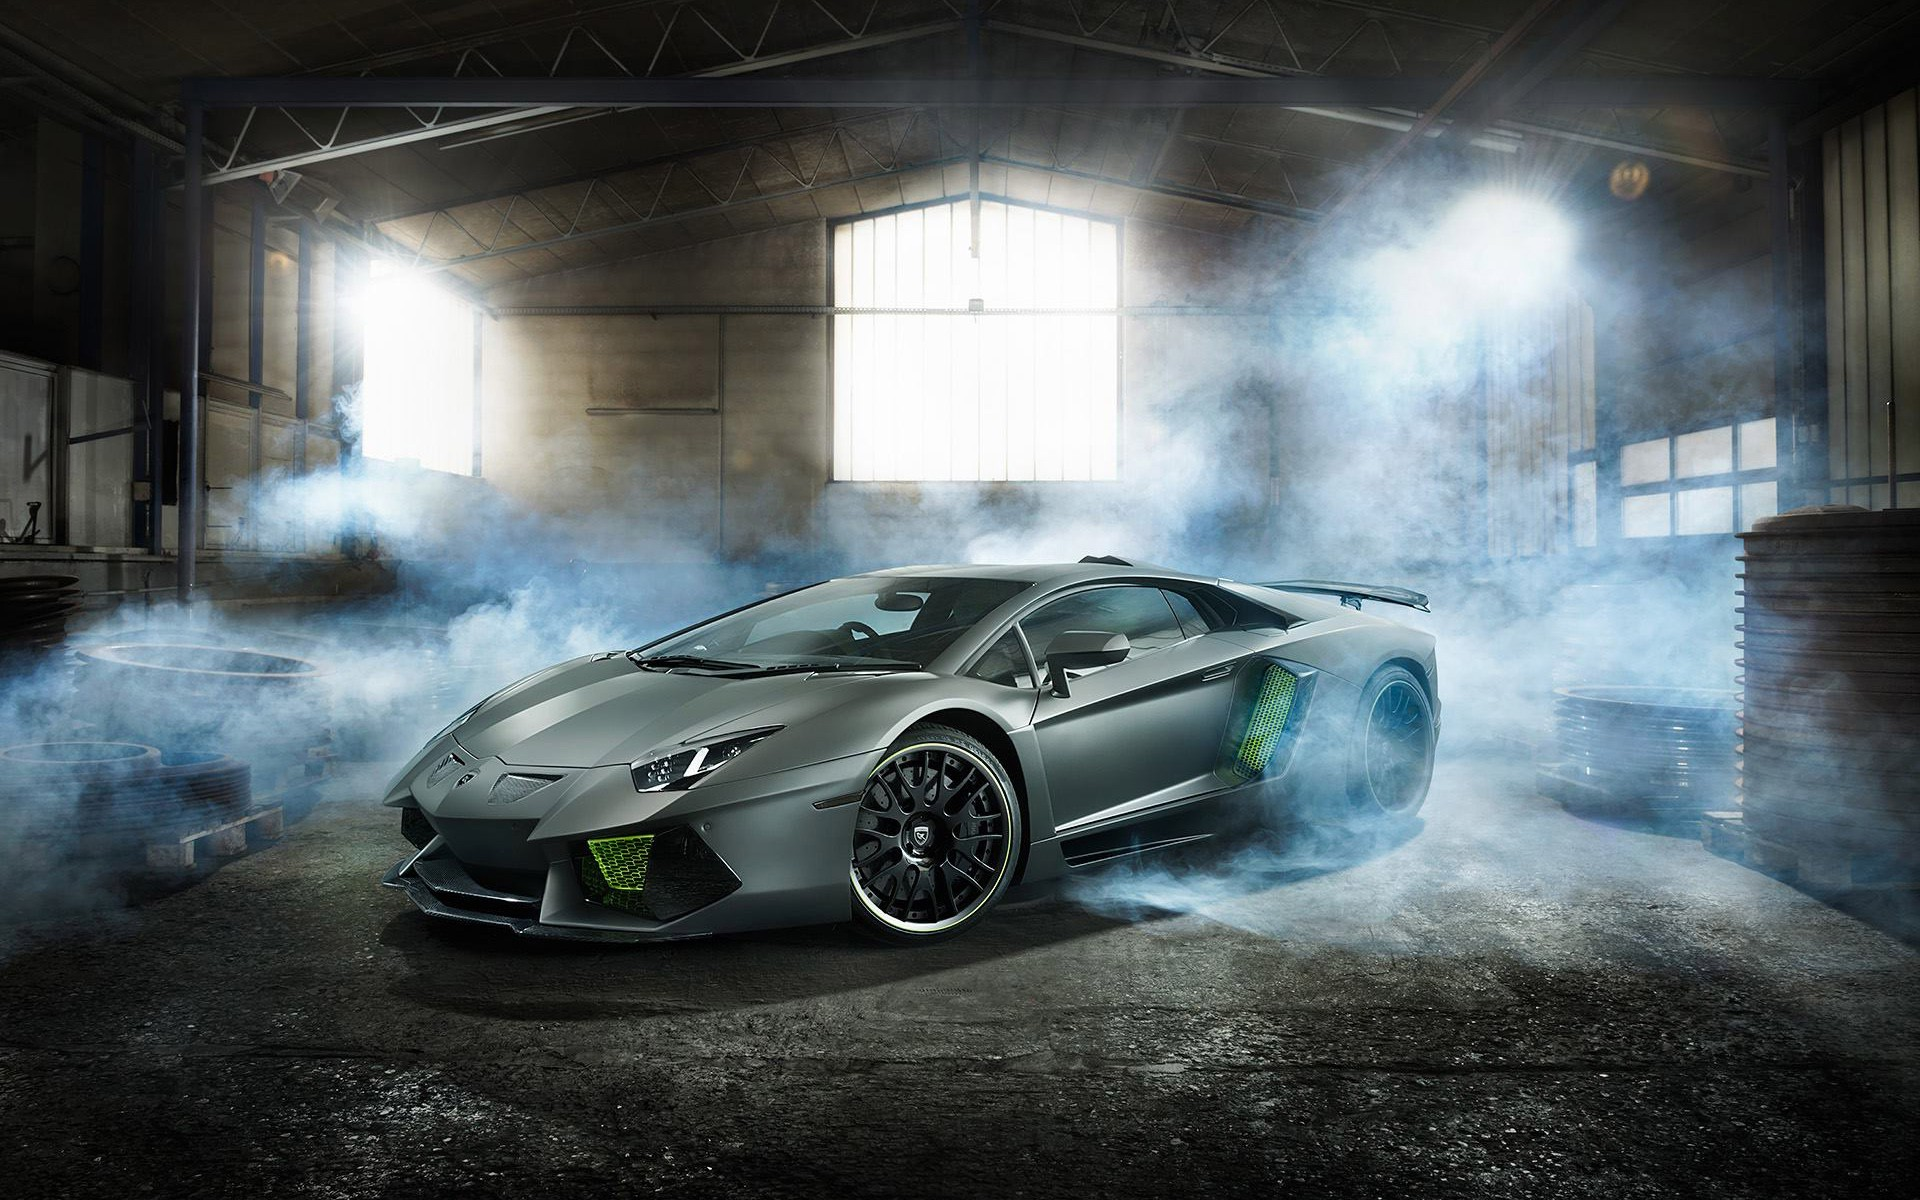 Lamborghini Aventador Green 4k Hd Cars 4k Wallpapers: 2048x1152 Lamborghini Aventador Desktop HD 2048x1152